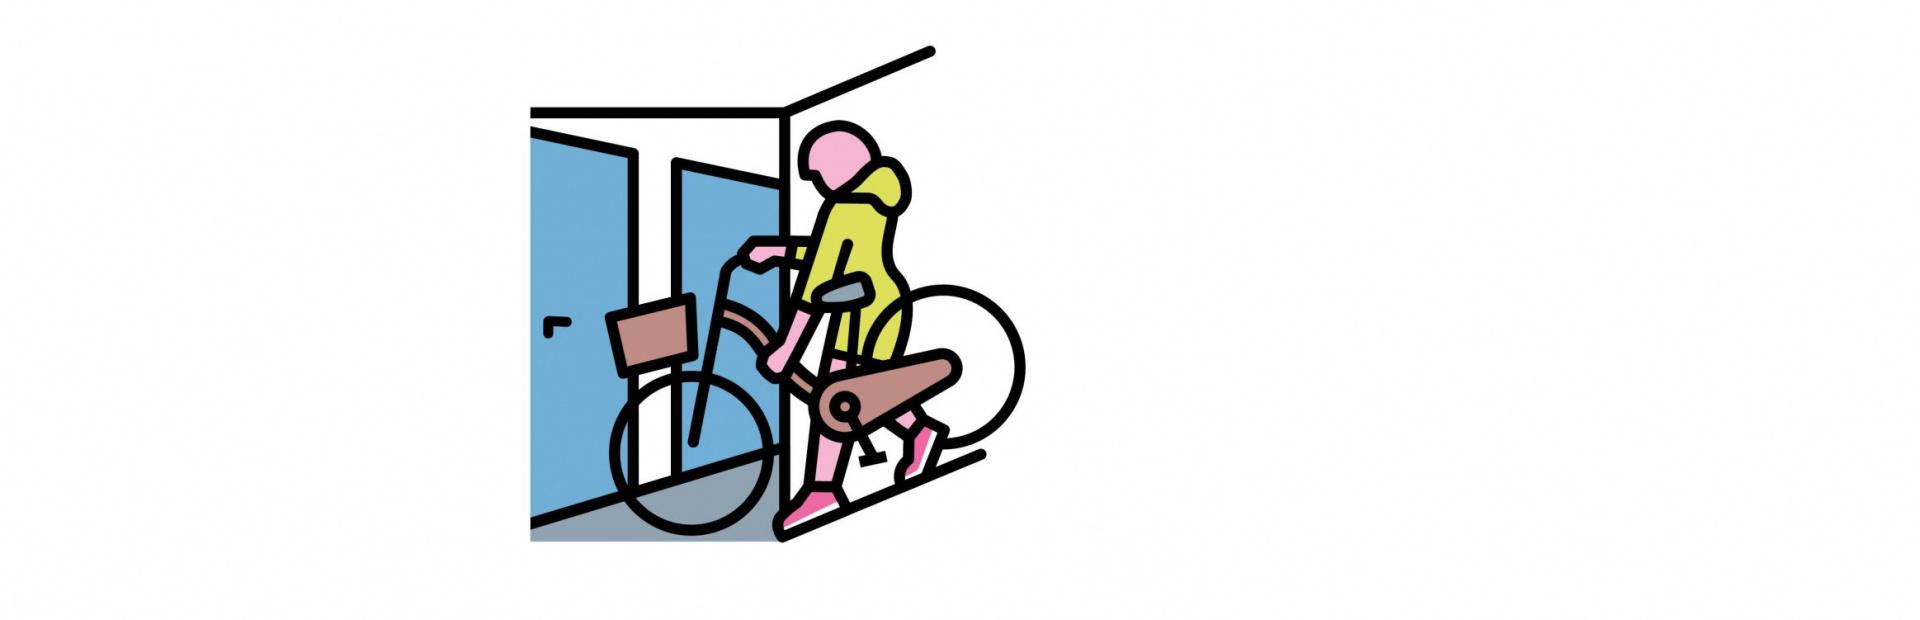 fietsenstalling_picto_ronduit.jpg